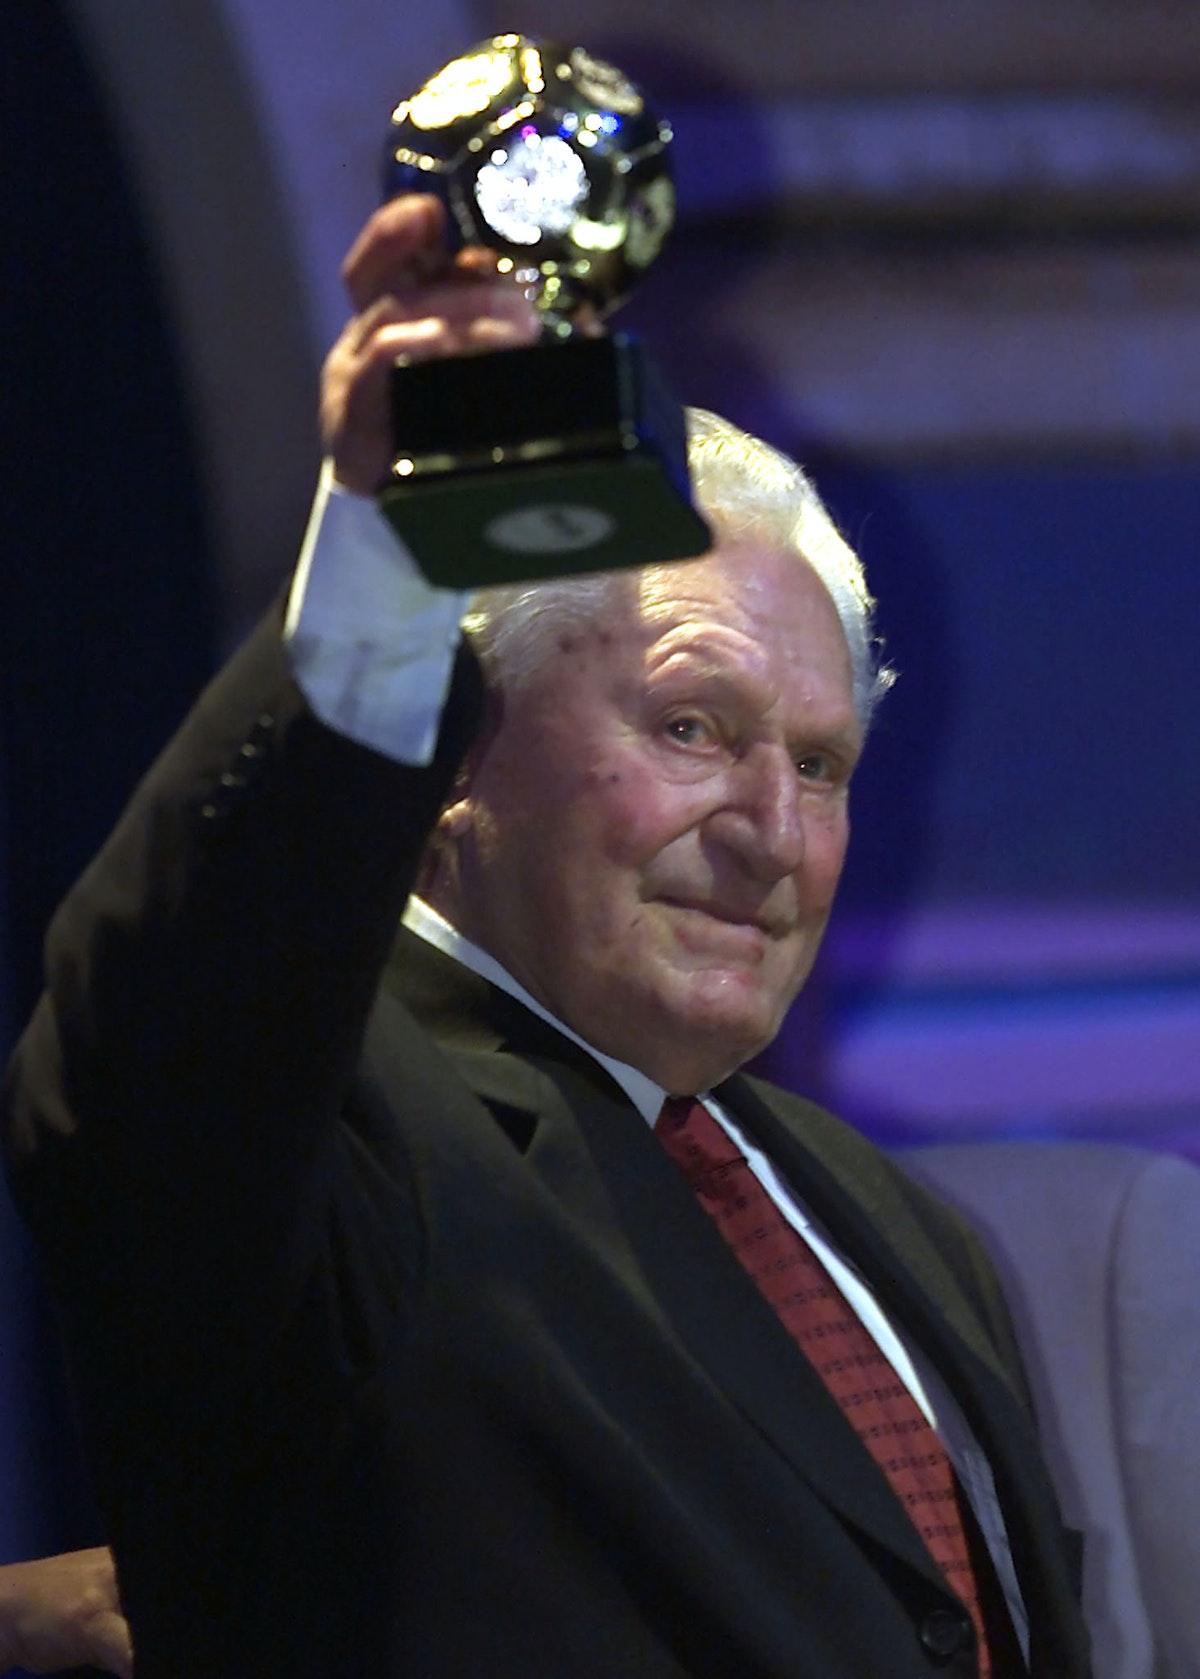 جوزيف بيكان يحتفل بجائزة أفضل هداف في التاريخ - REUTERS